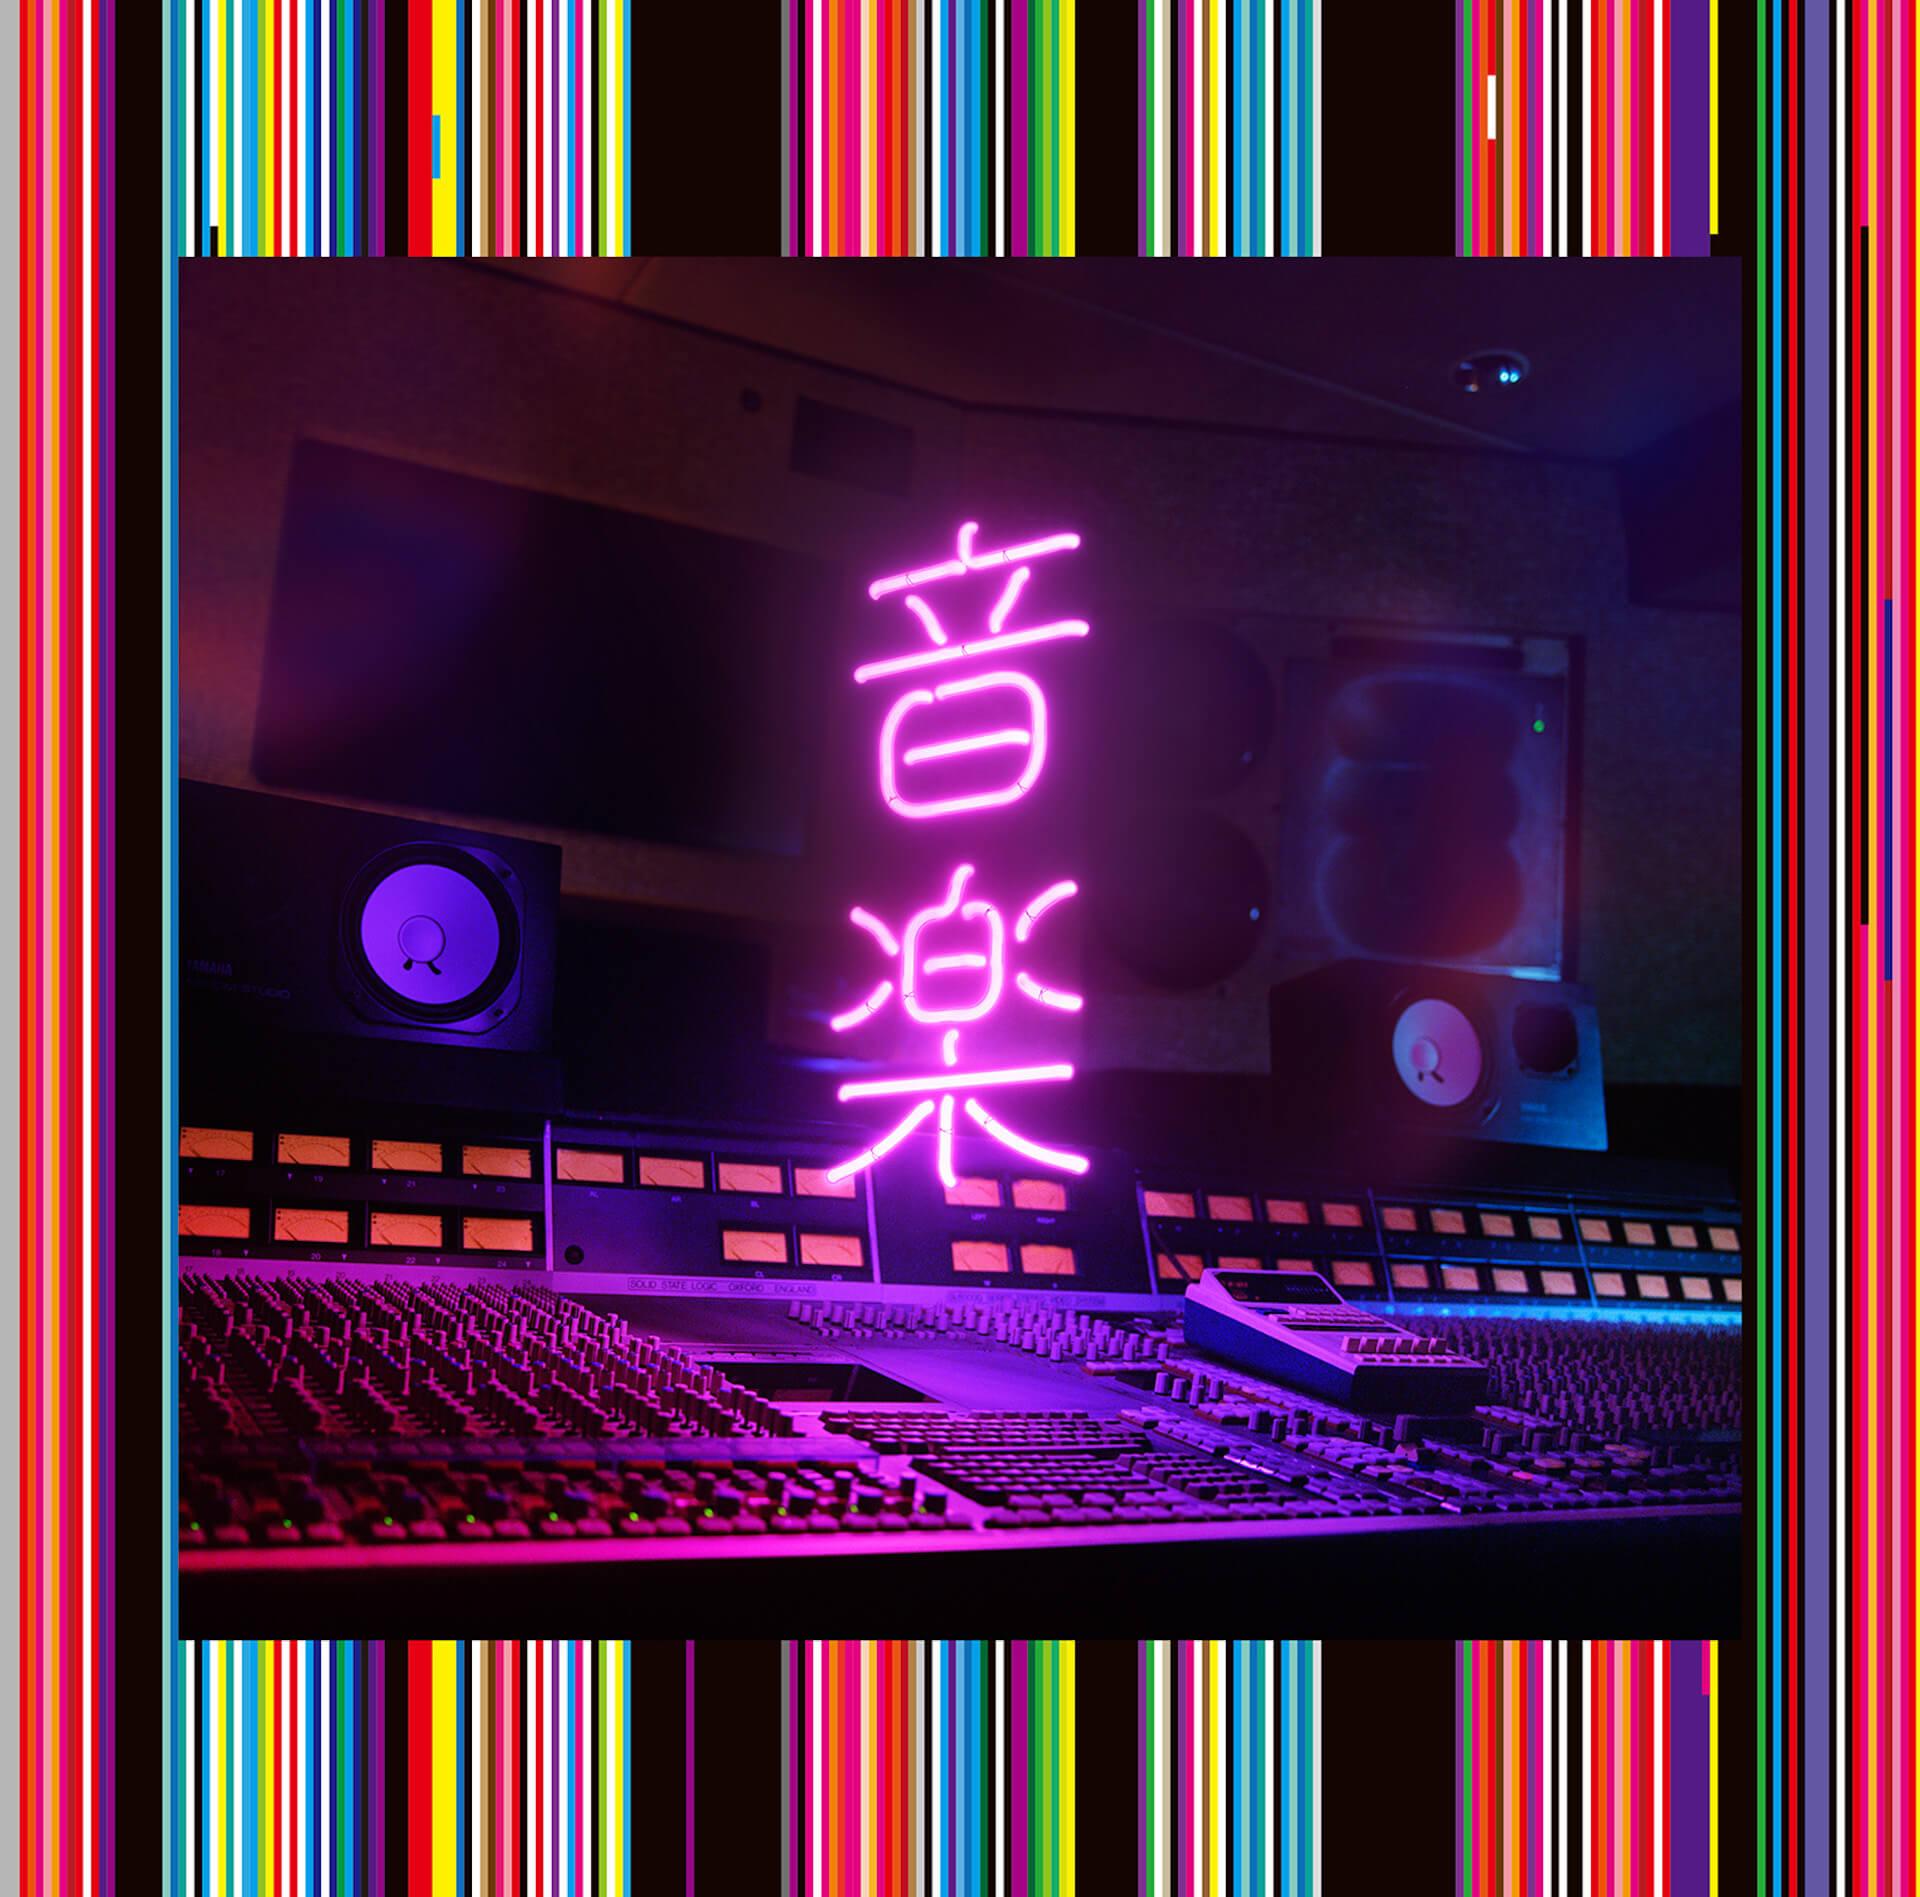 東京事変『音楽』の購入先着特典が一挙解禁!B2サイズポスターやポストカードなどラインナップ music210524_tokyoincident_10